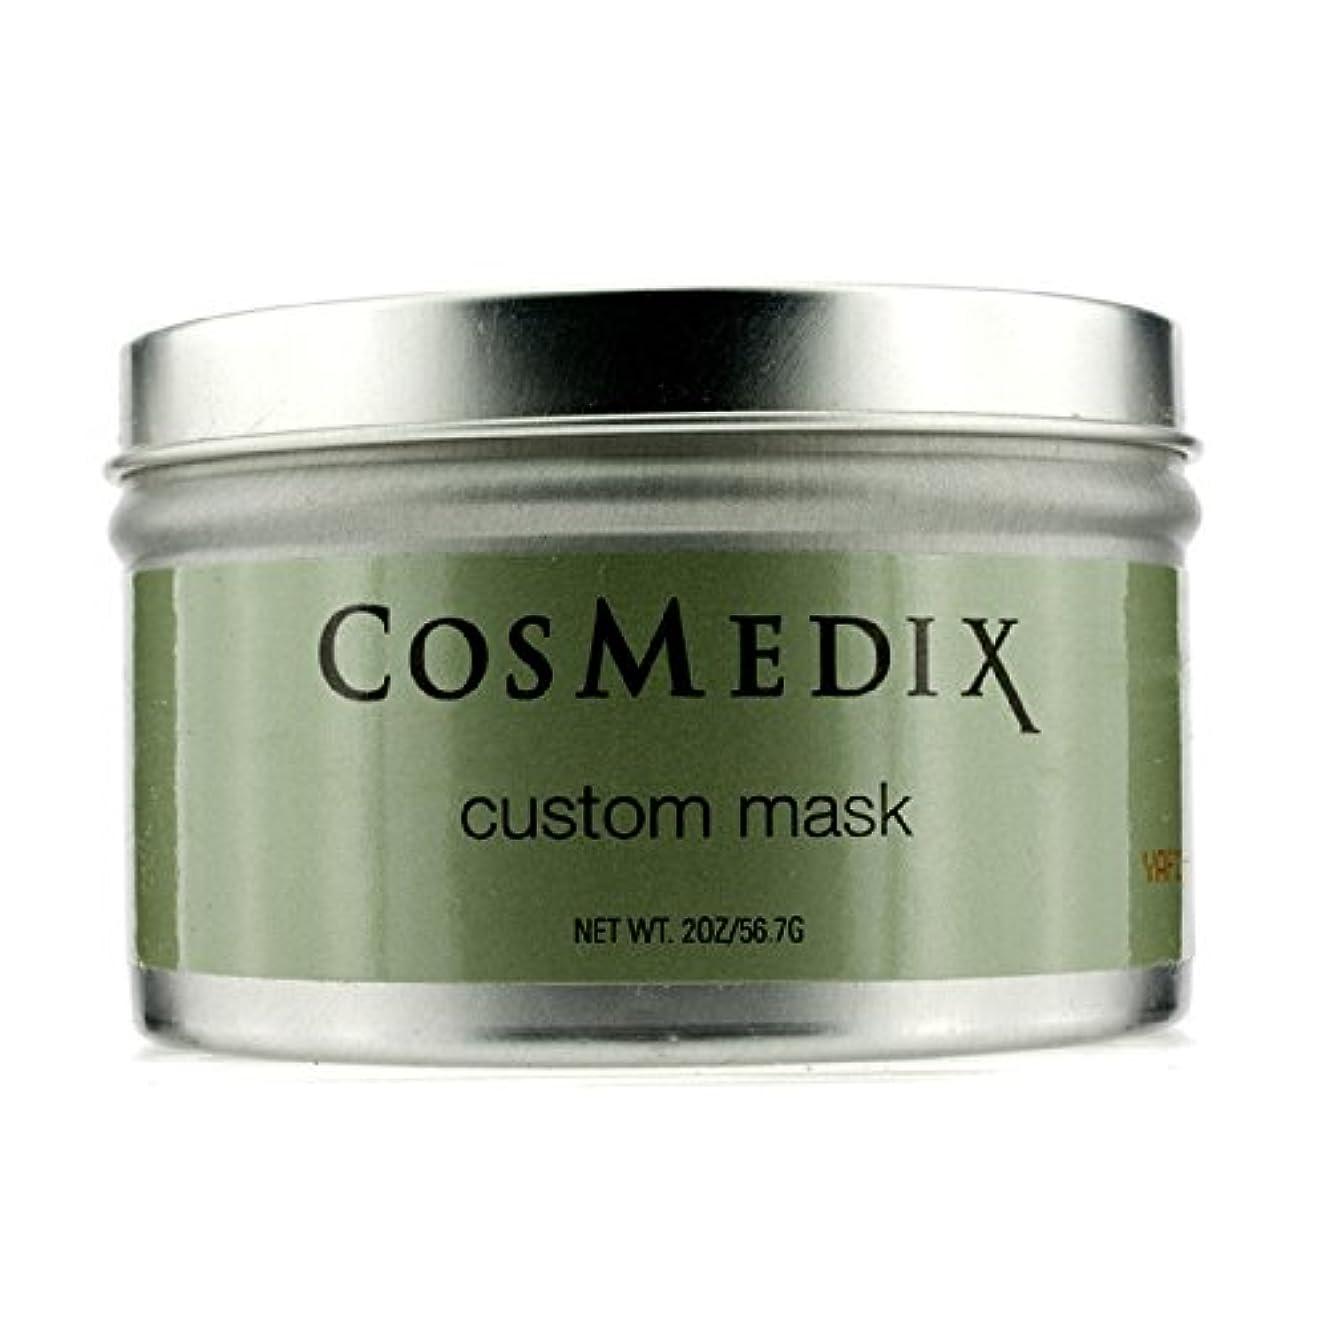 シャックルはっきりと退却コスメディックス カスタムマスク (サロン製品) 56.7g/2oz並行輸入品